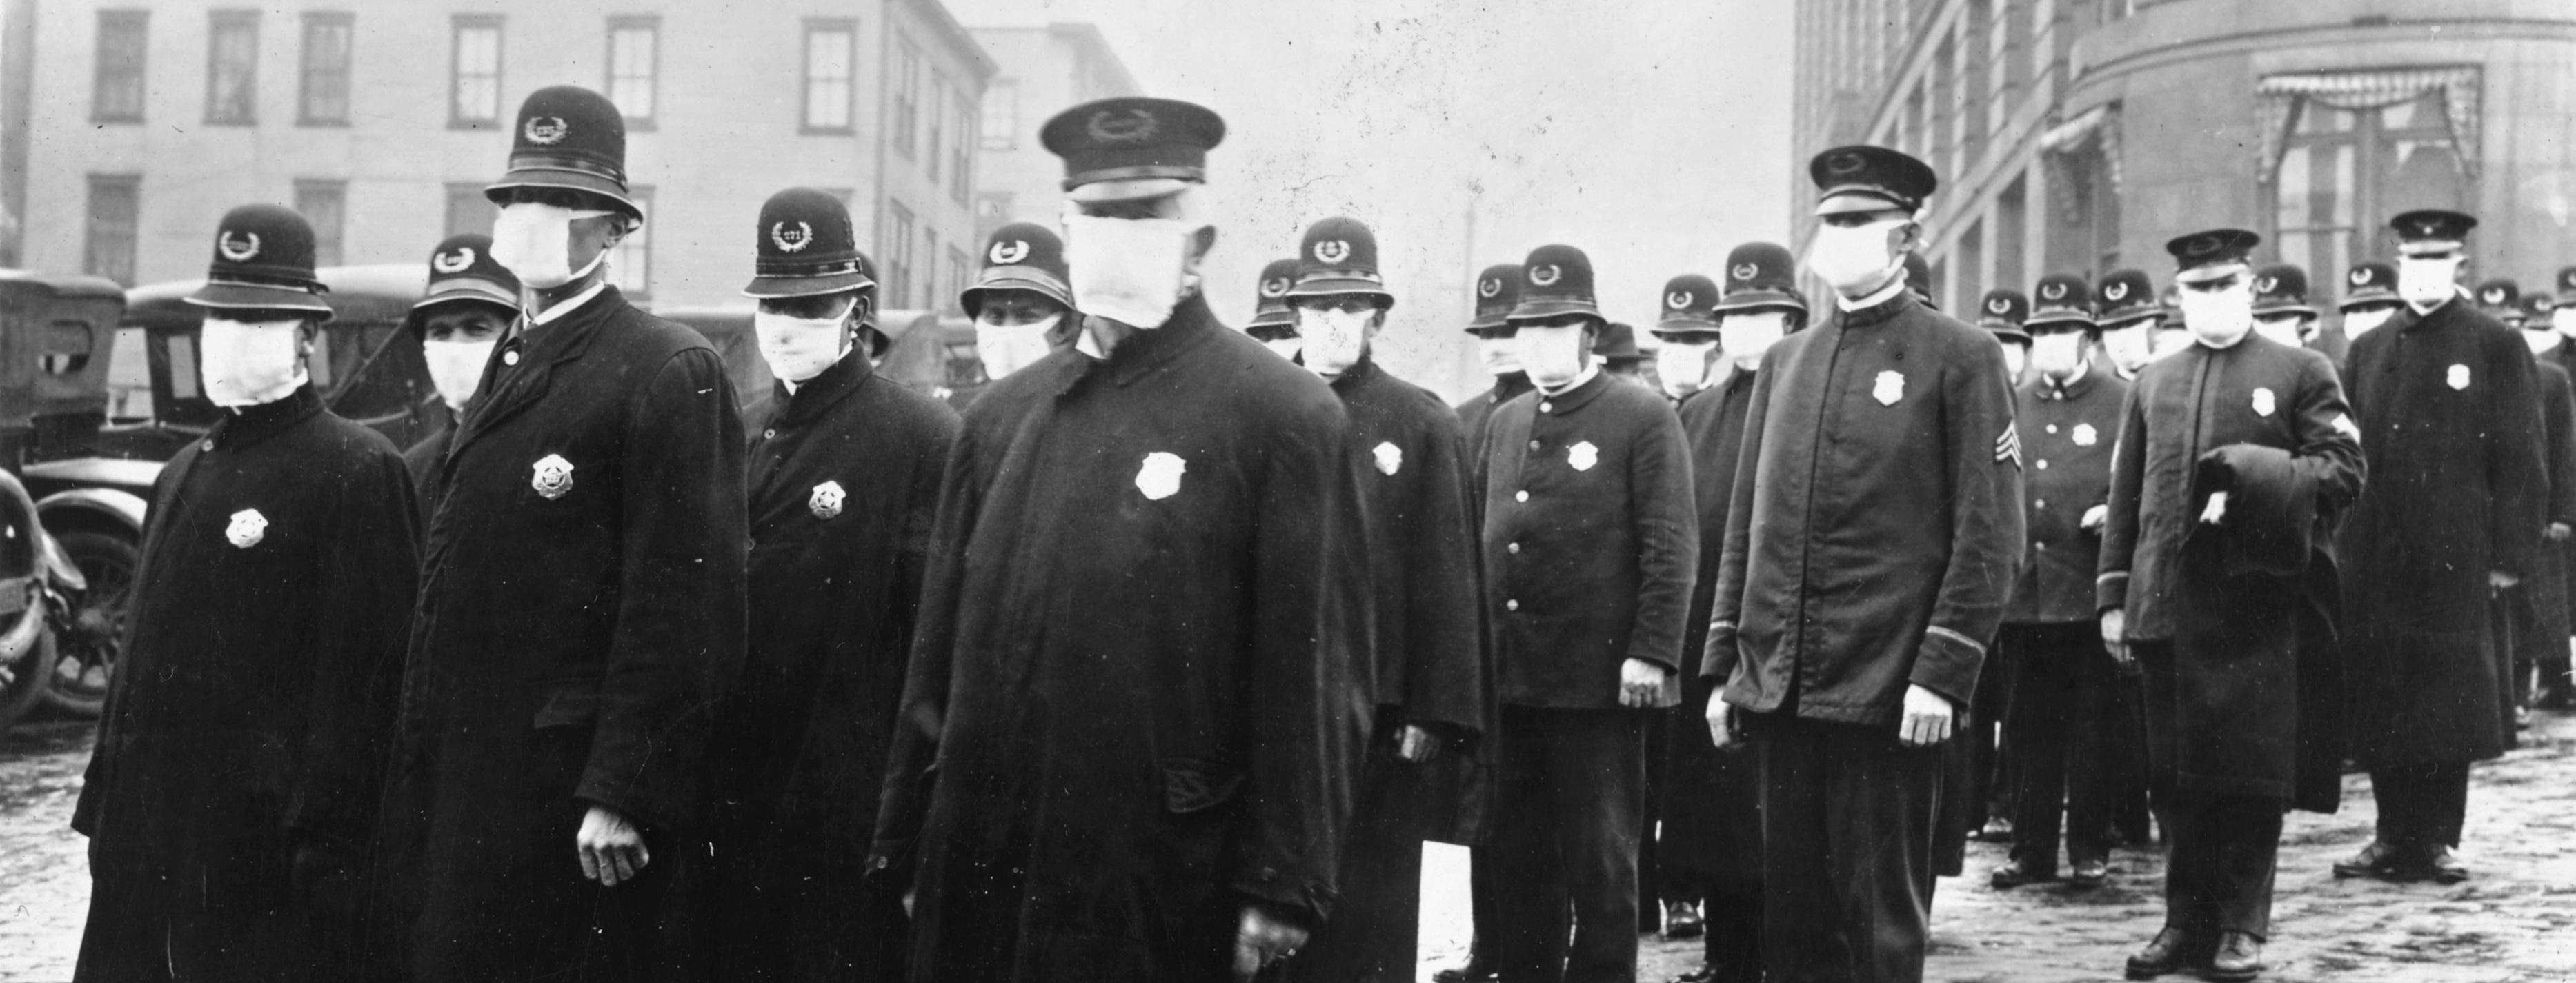 Krakk og kriser i historisk perspektiv | Ola Honningdal